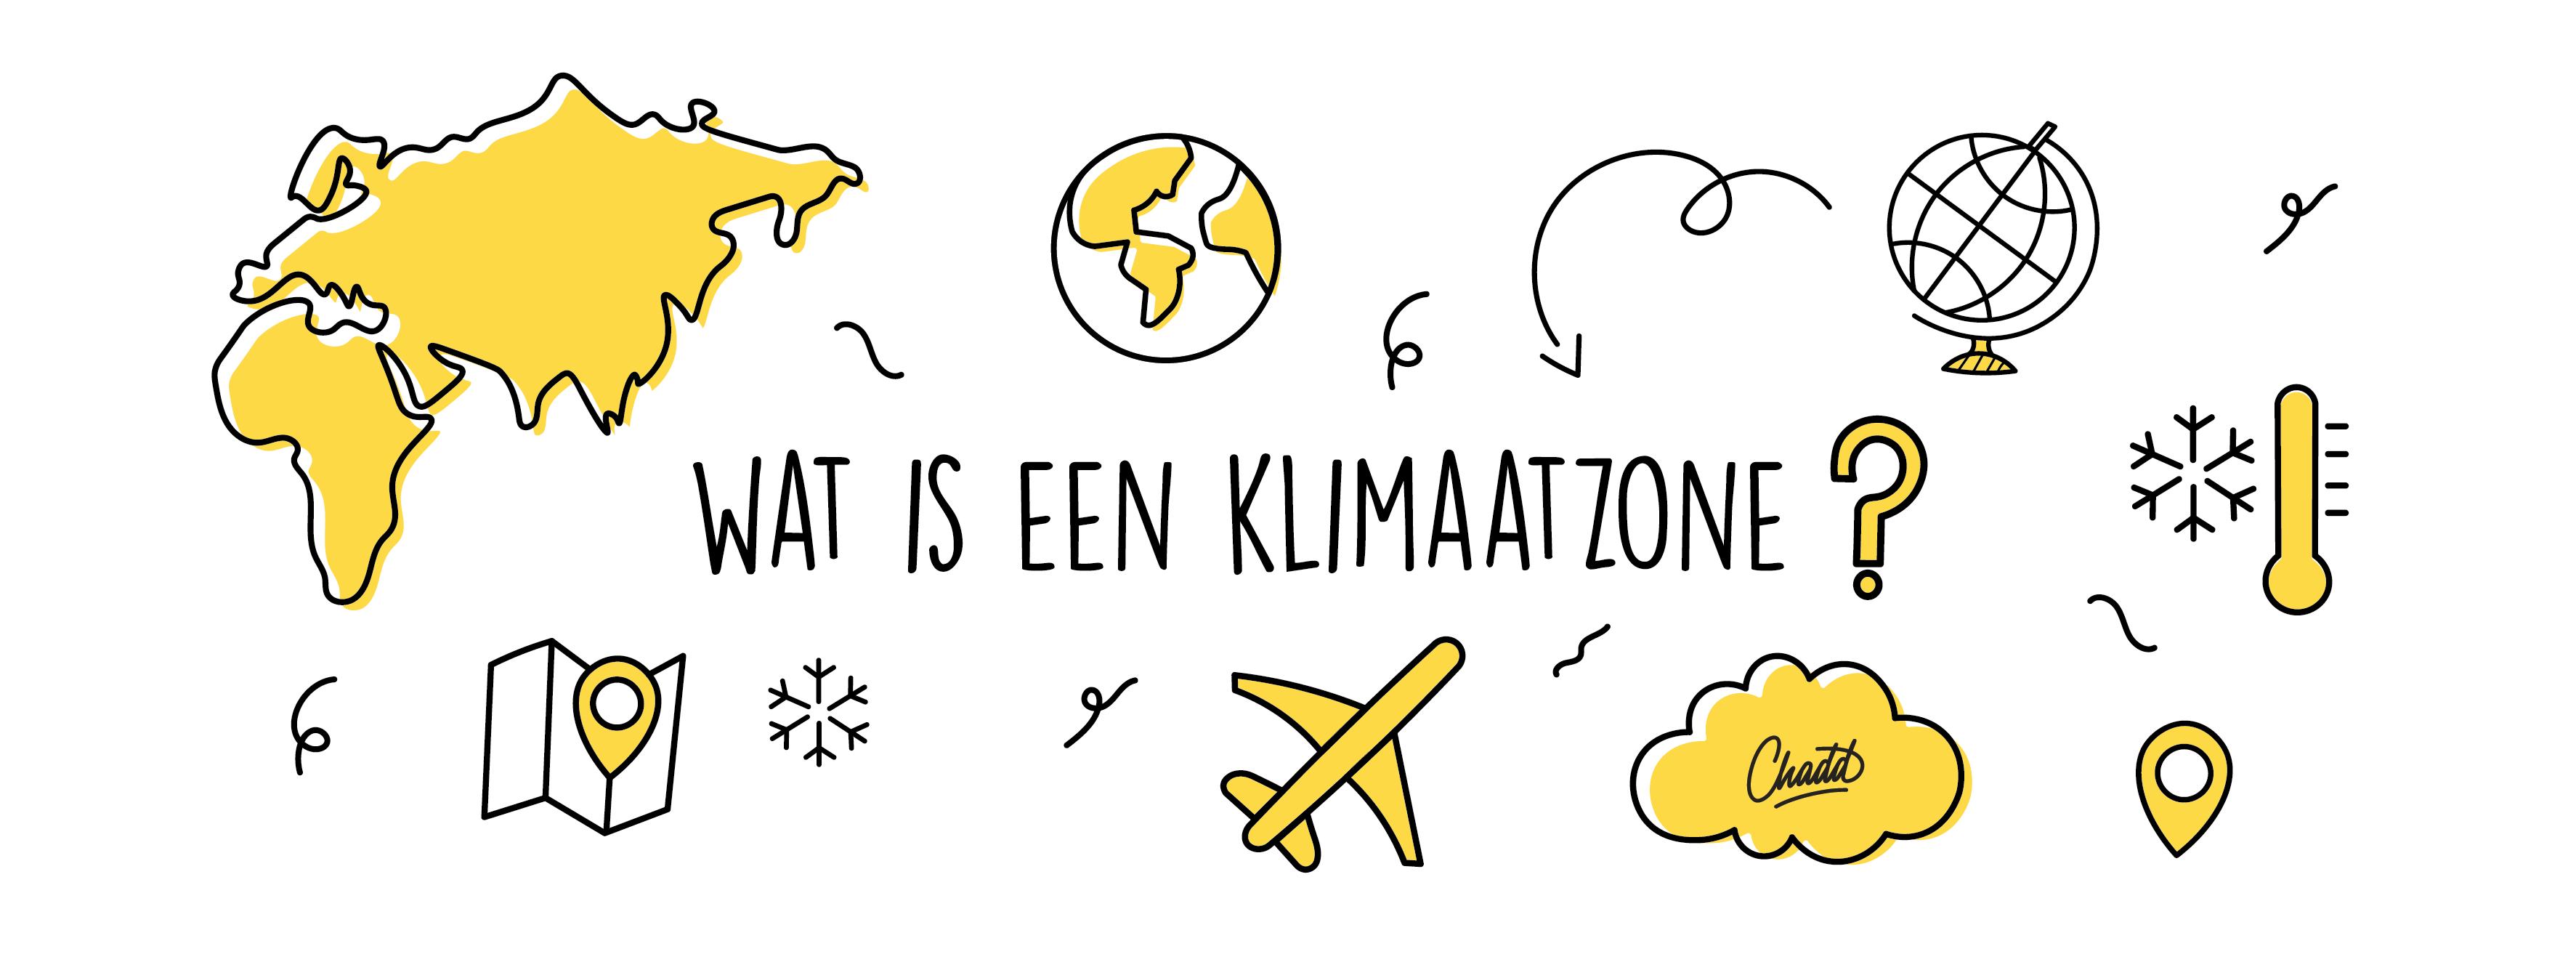 Wat is een klimaatzone?